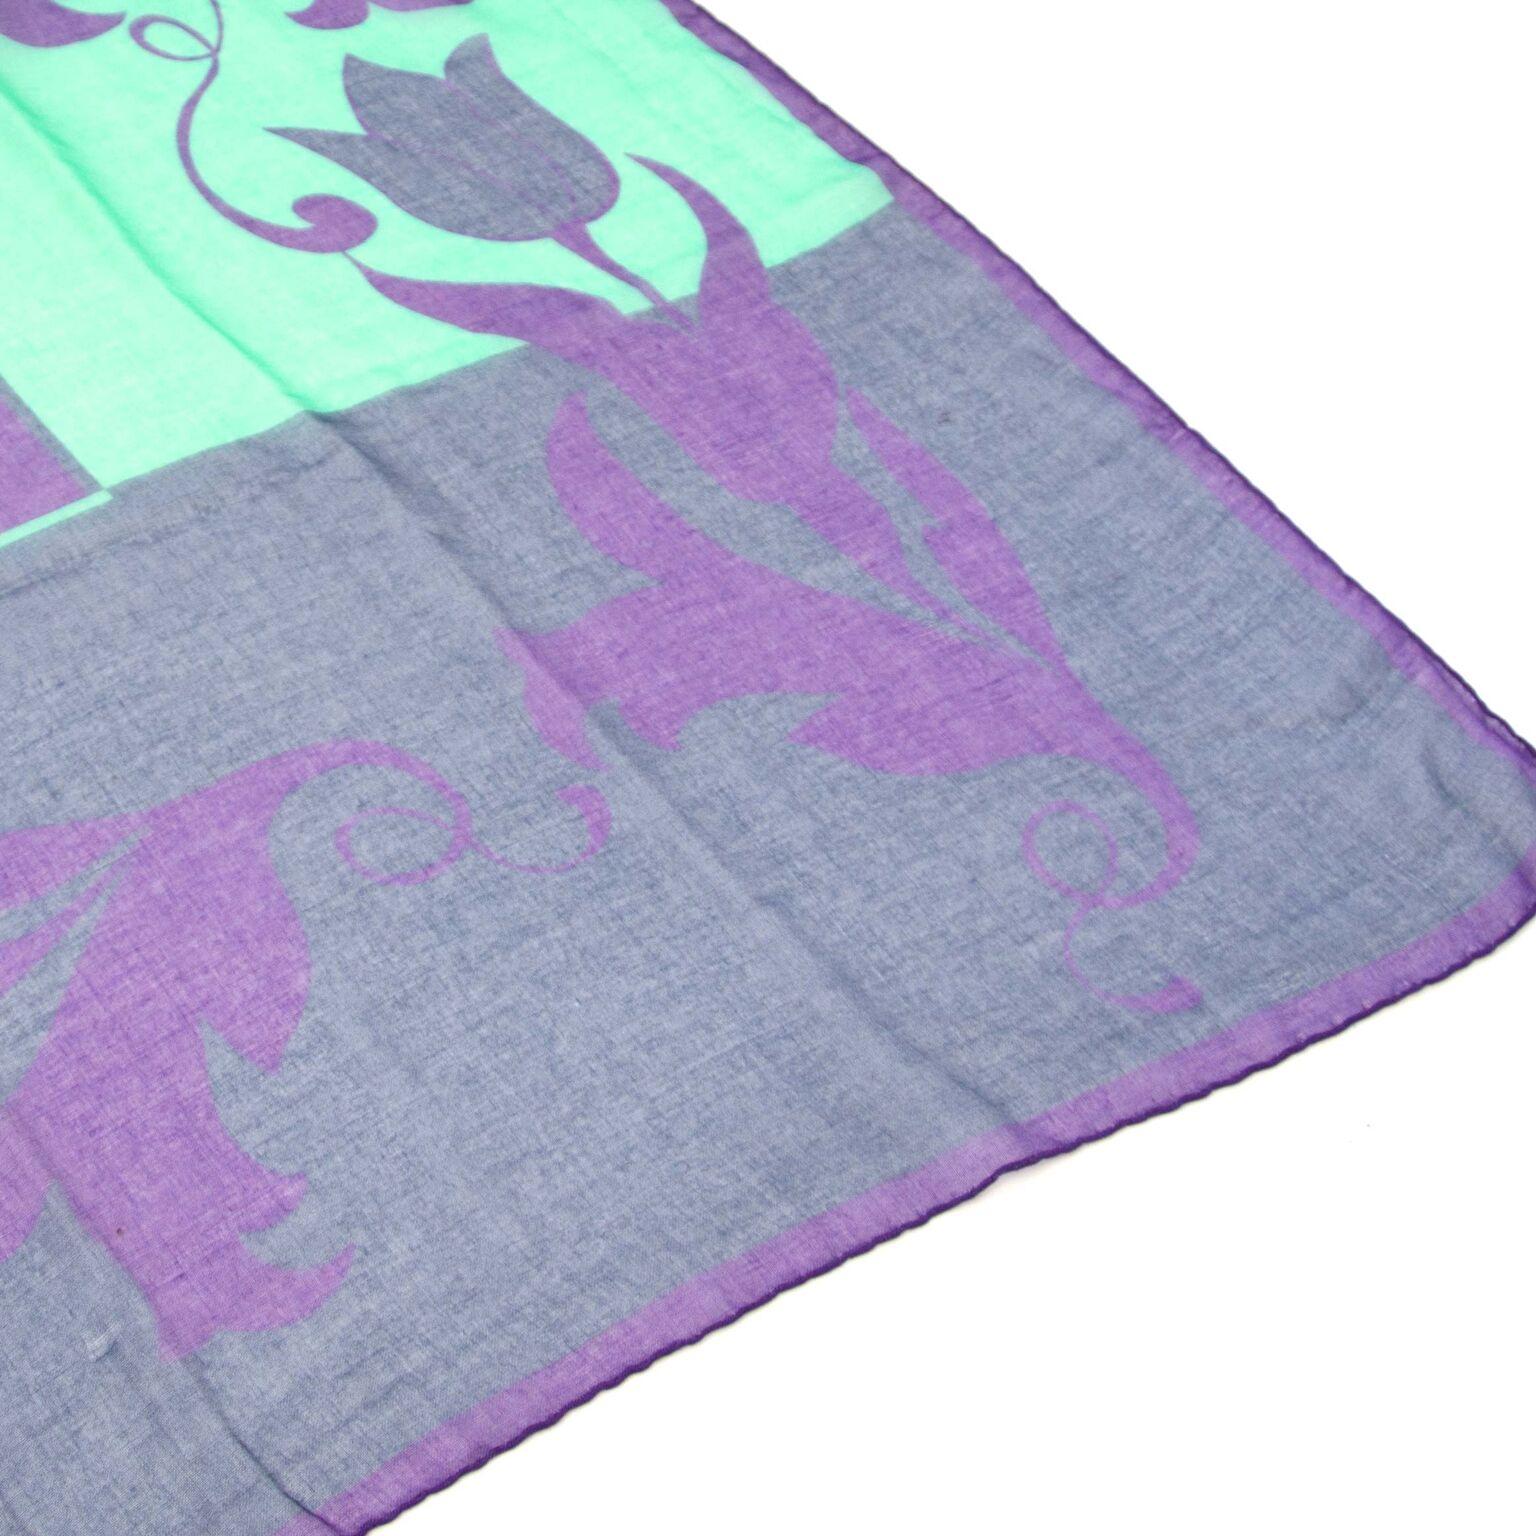 Buy vintage scarfs now safe online on the webshop labellov.com